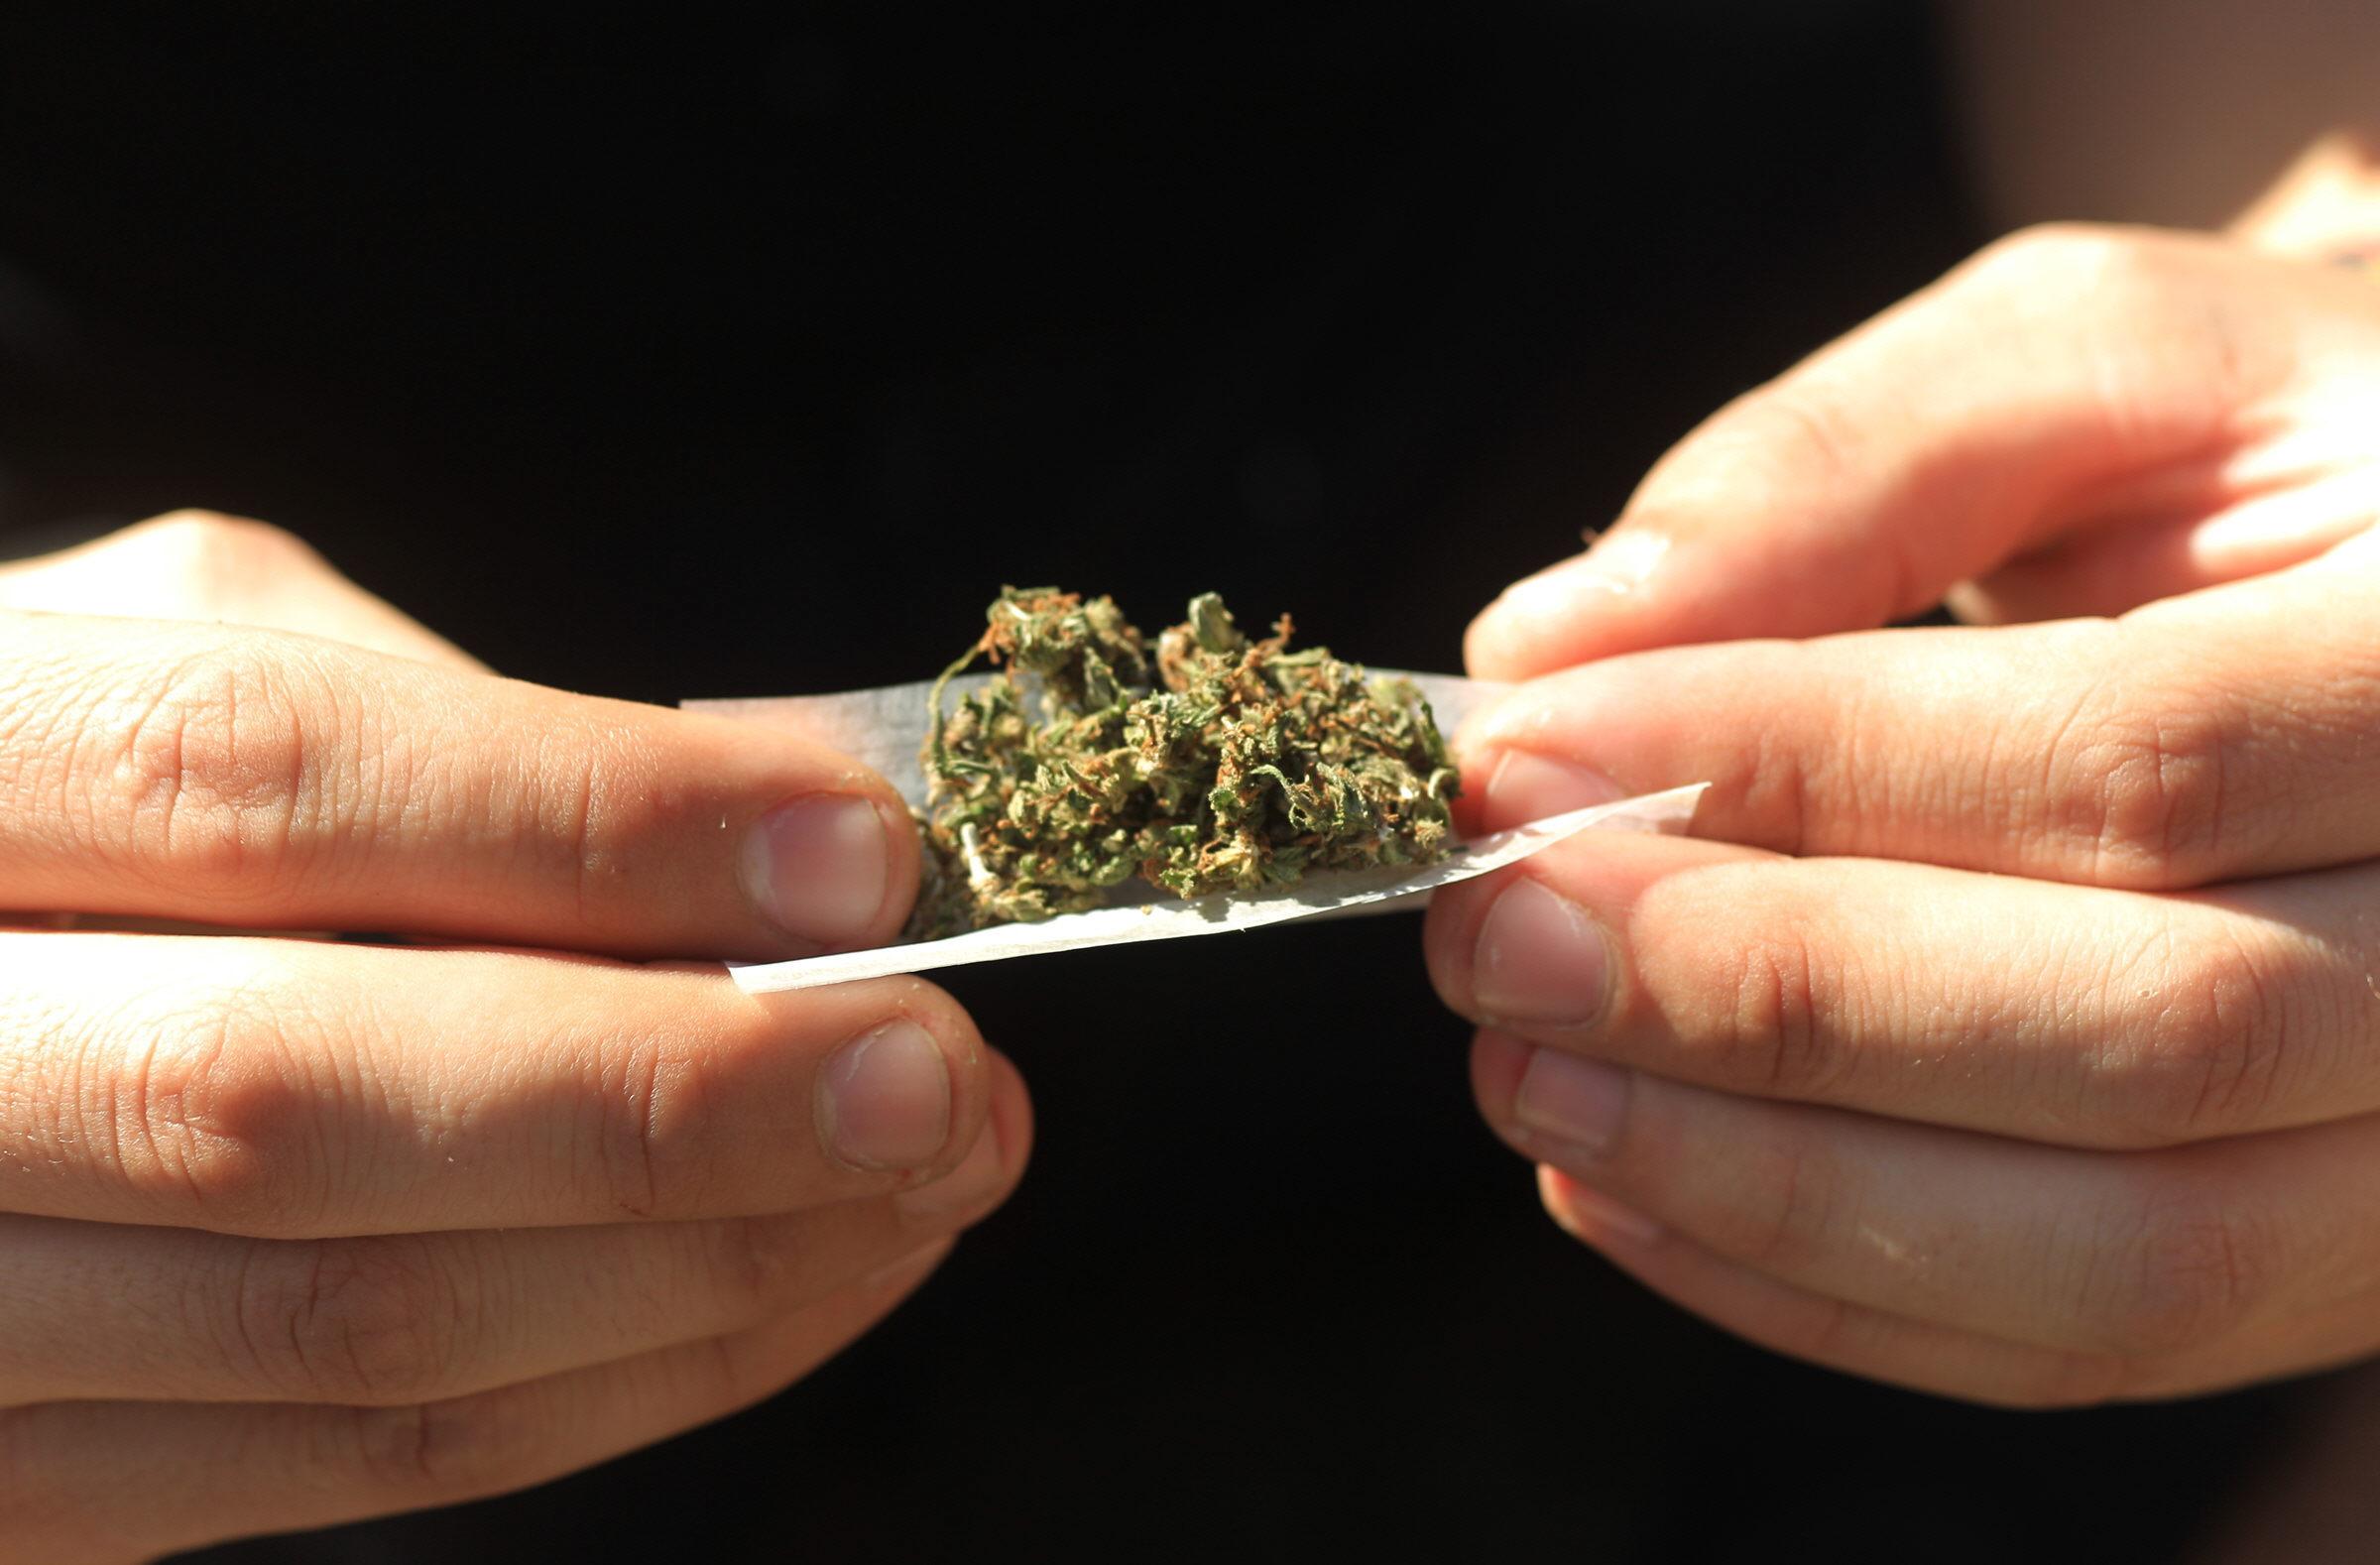 Acusada administradora del penal de El Progreso, al pretender ingresar marihuana al recinto